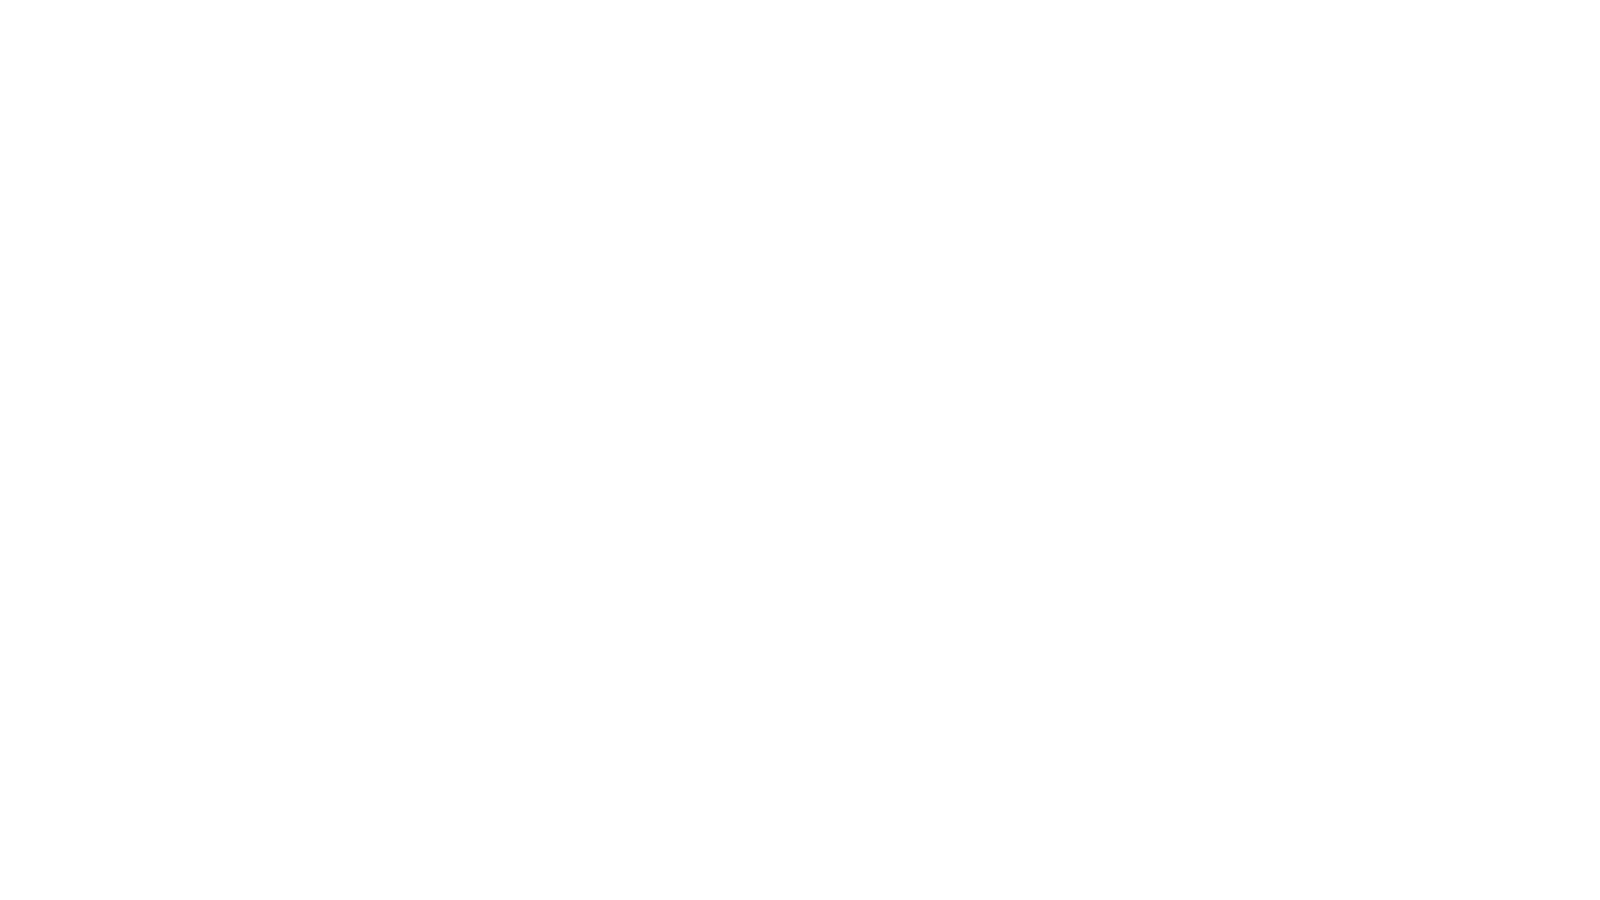 🥀 一起來動手學習花藝|線上課程頁面 ⇢ https://eternalhue.com/online-course 🥀 立即填寫客製化表單|根據預算和喜愛的特色做一個獨一無二的花 ⇢ https://eternalhue.com/customize  🥀 HUE 詼 官方網站 ⇢ https://eternalhue.com 🥀 更多作品請見 IG  ⇢ https://www.instagram.com/eternal.hue 🥀  HUE 詼 FB 粉專|追起來 ⇢ https://www.facebook.com/myeternalhue  🥀 詼姑娘的生活日常  ⇢ https://www.instagram.com/chuhanxxi